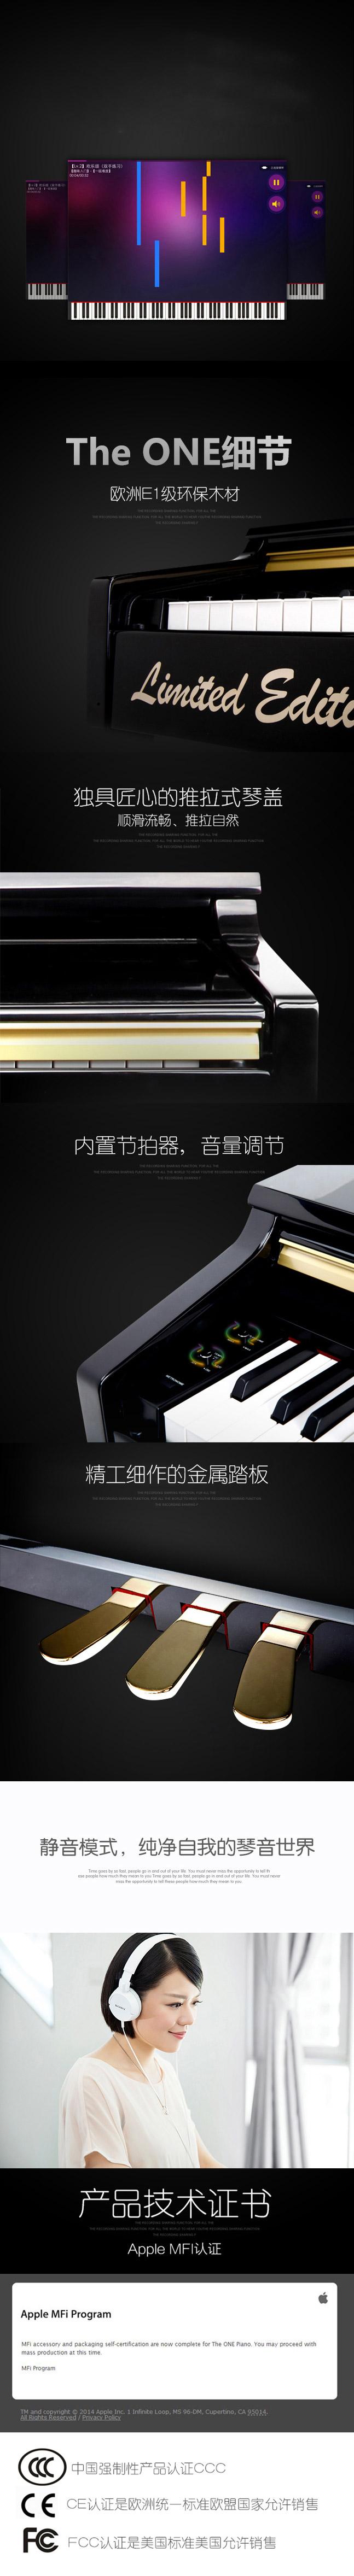 the one智能钢琴烤漆版